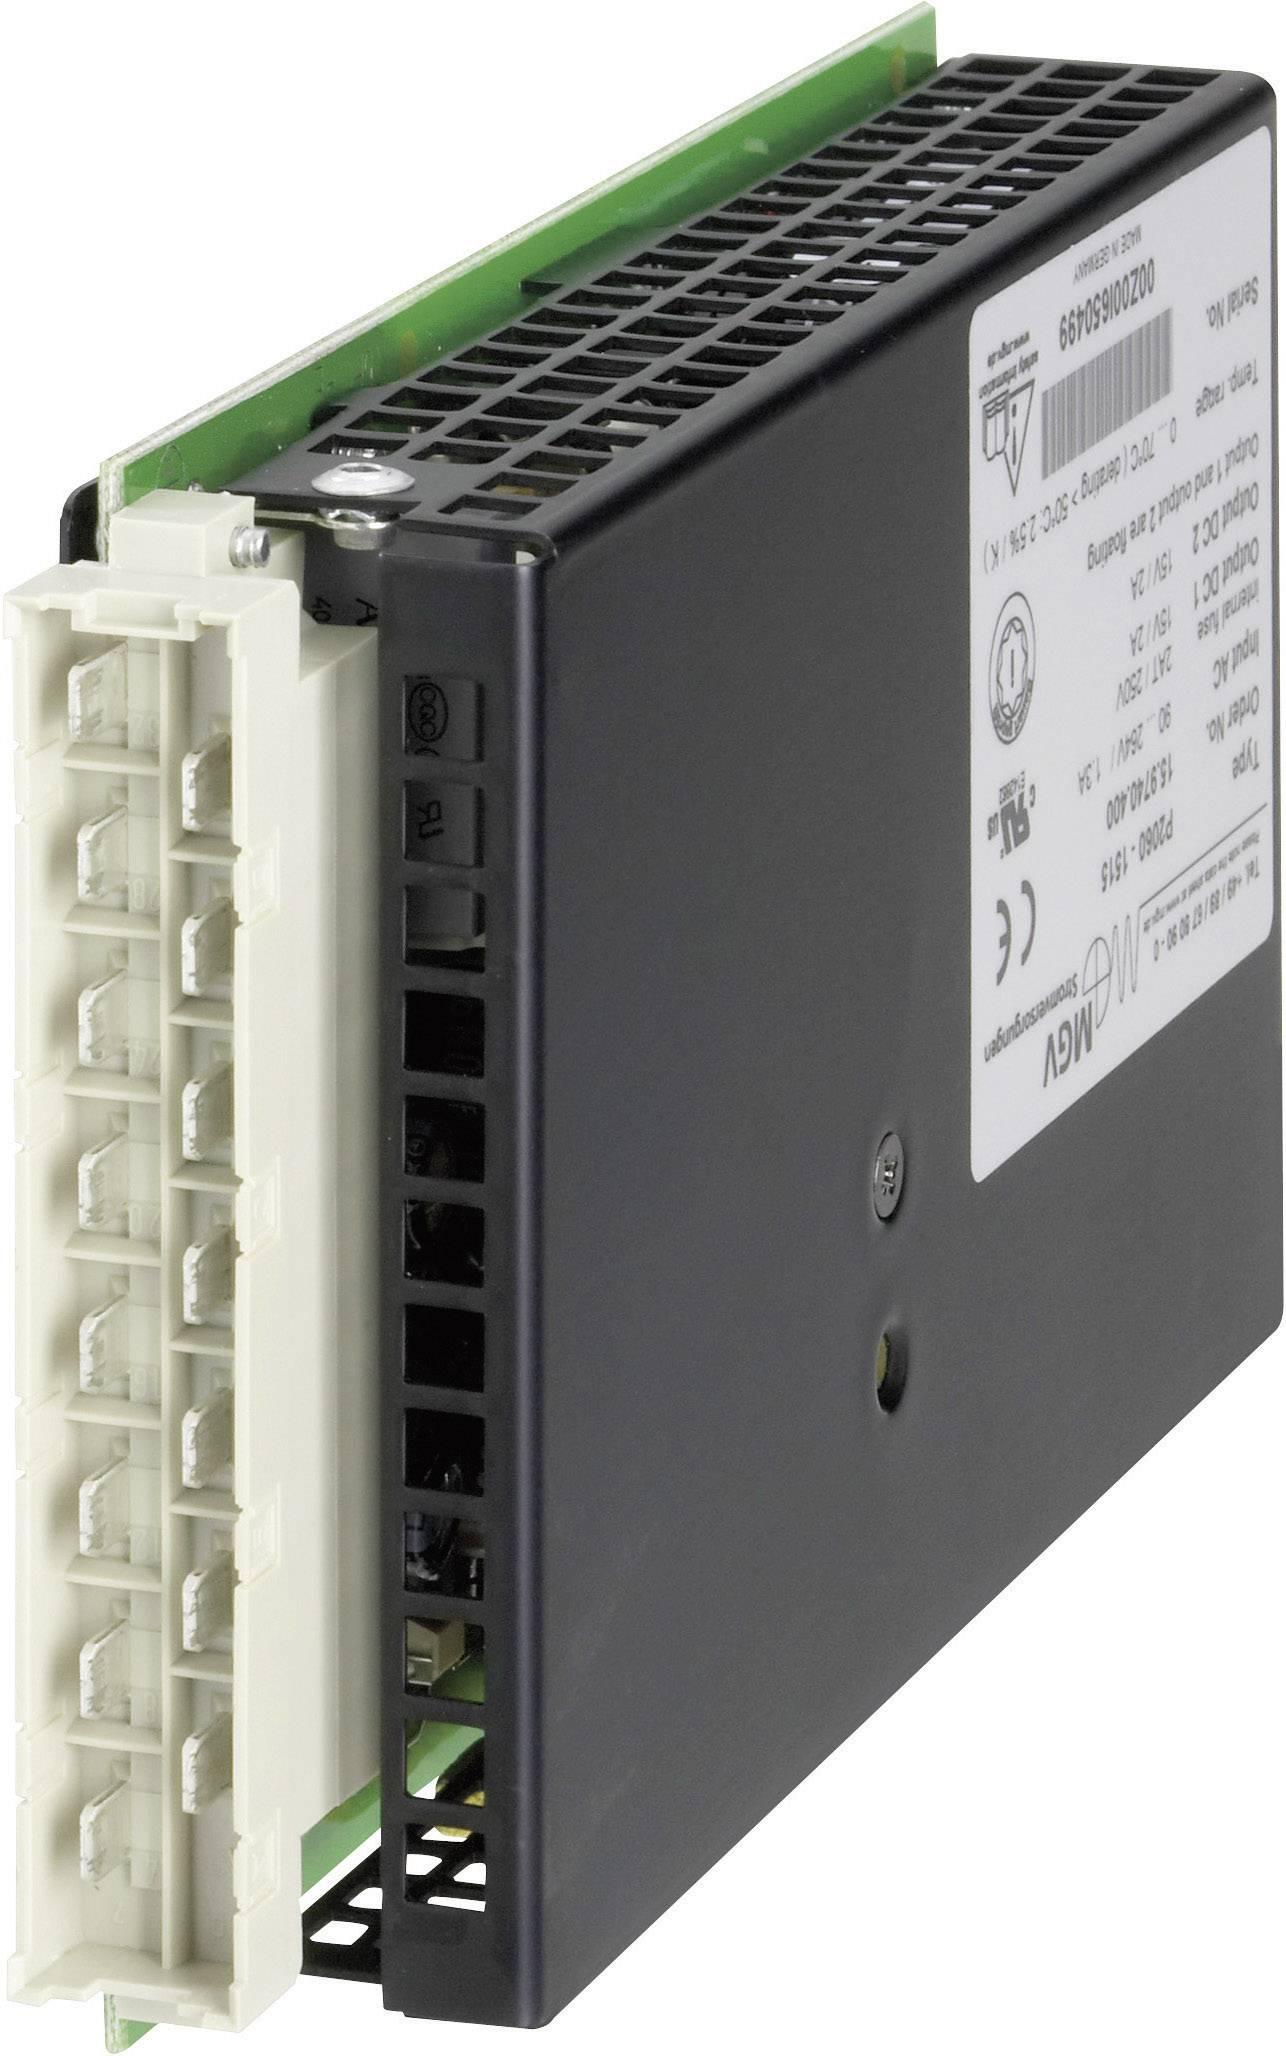 Vestavný spínaný síťový zdroj mgv P60-24021 na DIN lištu, 24 V/DC / 2.5 A